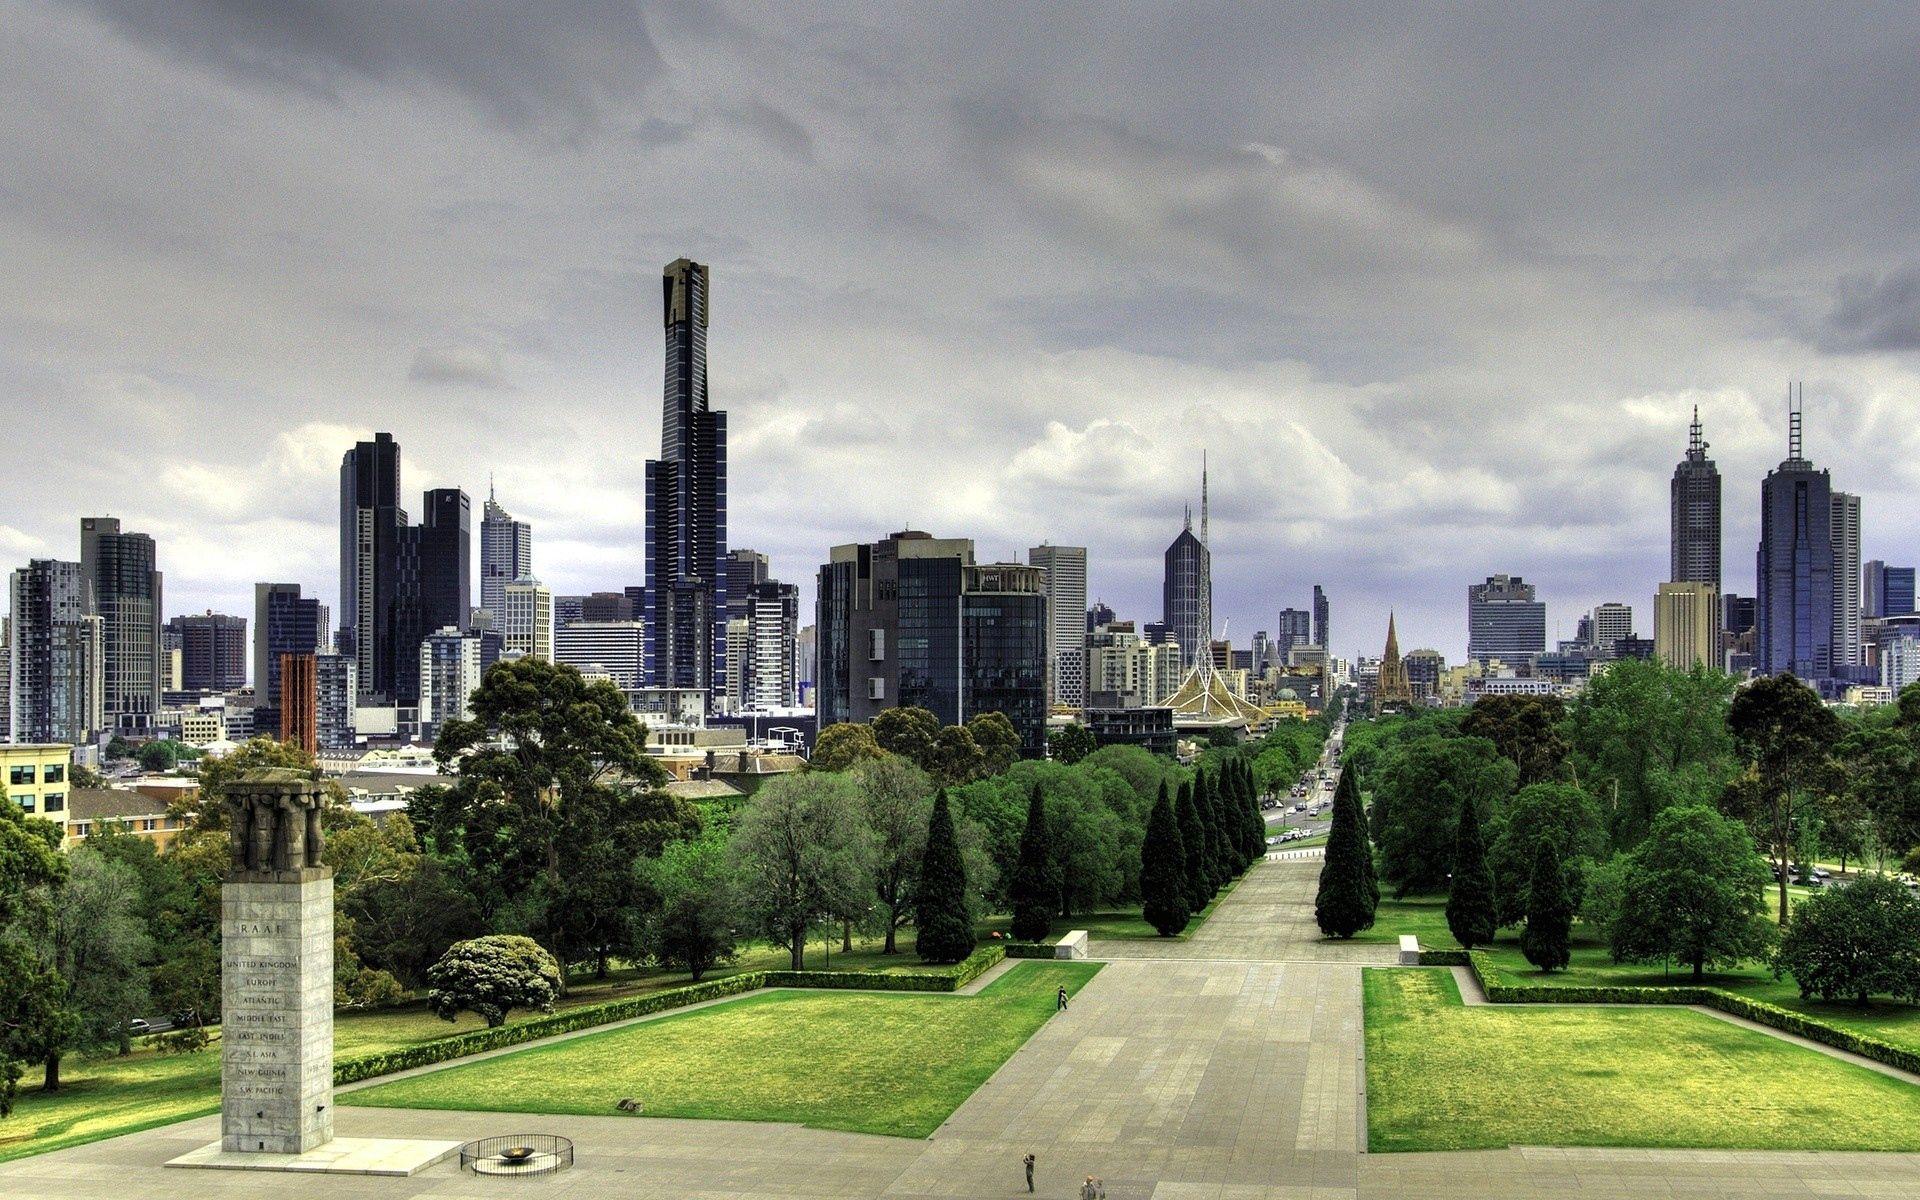 144362壁紙のダウンロードオーストラリア, メルボルン, 高層ビル, 高 層 ビル, 自然, 公園, ハンサムに, 美しいです, 散歩, 建物, 都市-スクリーンセーバーと写真を無料で